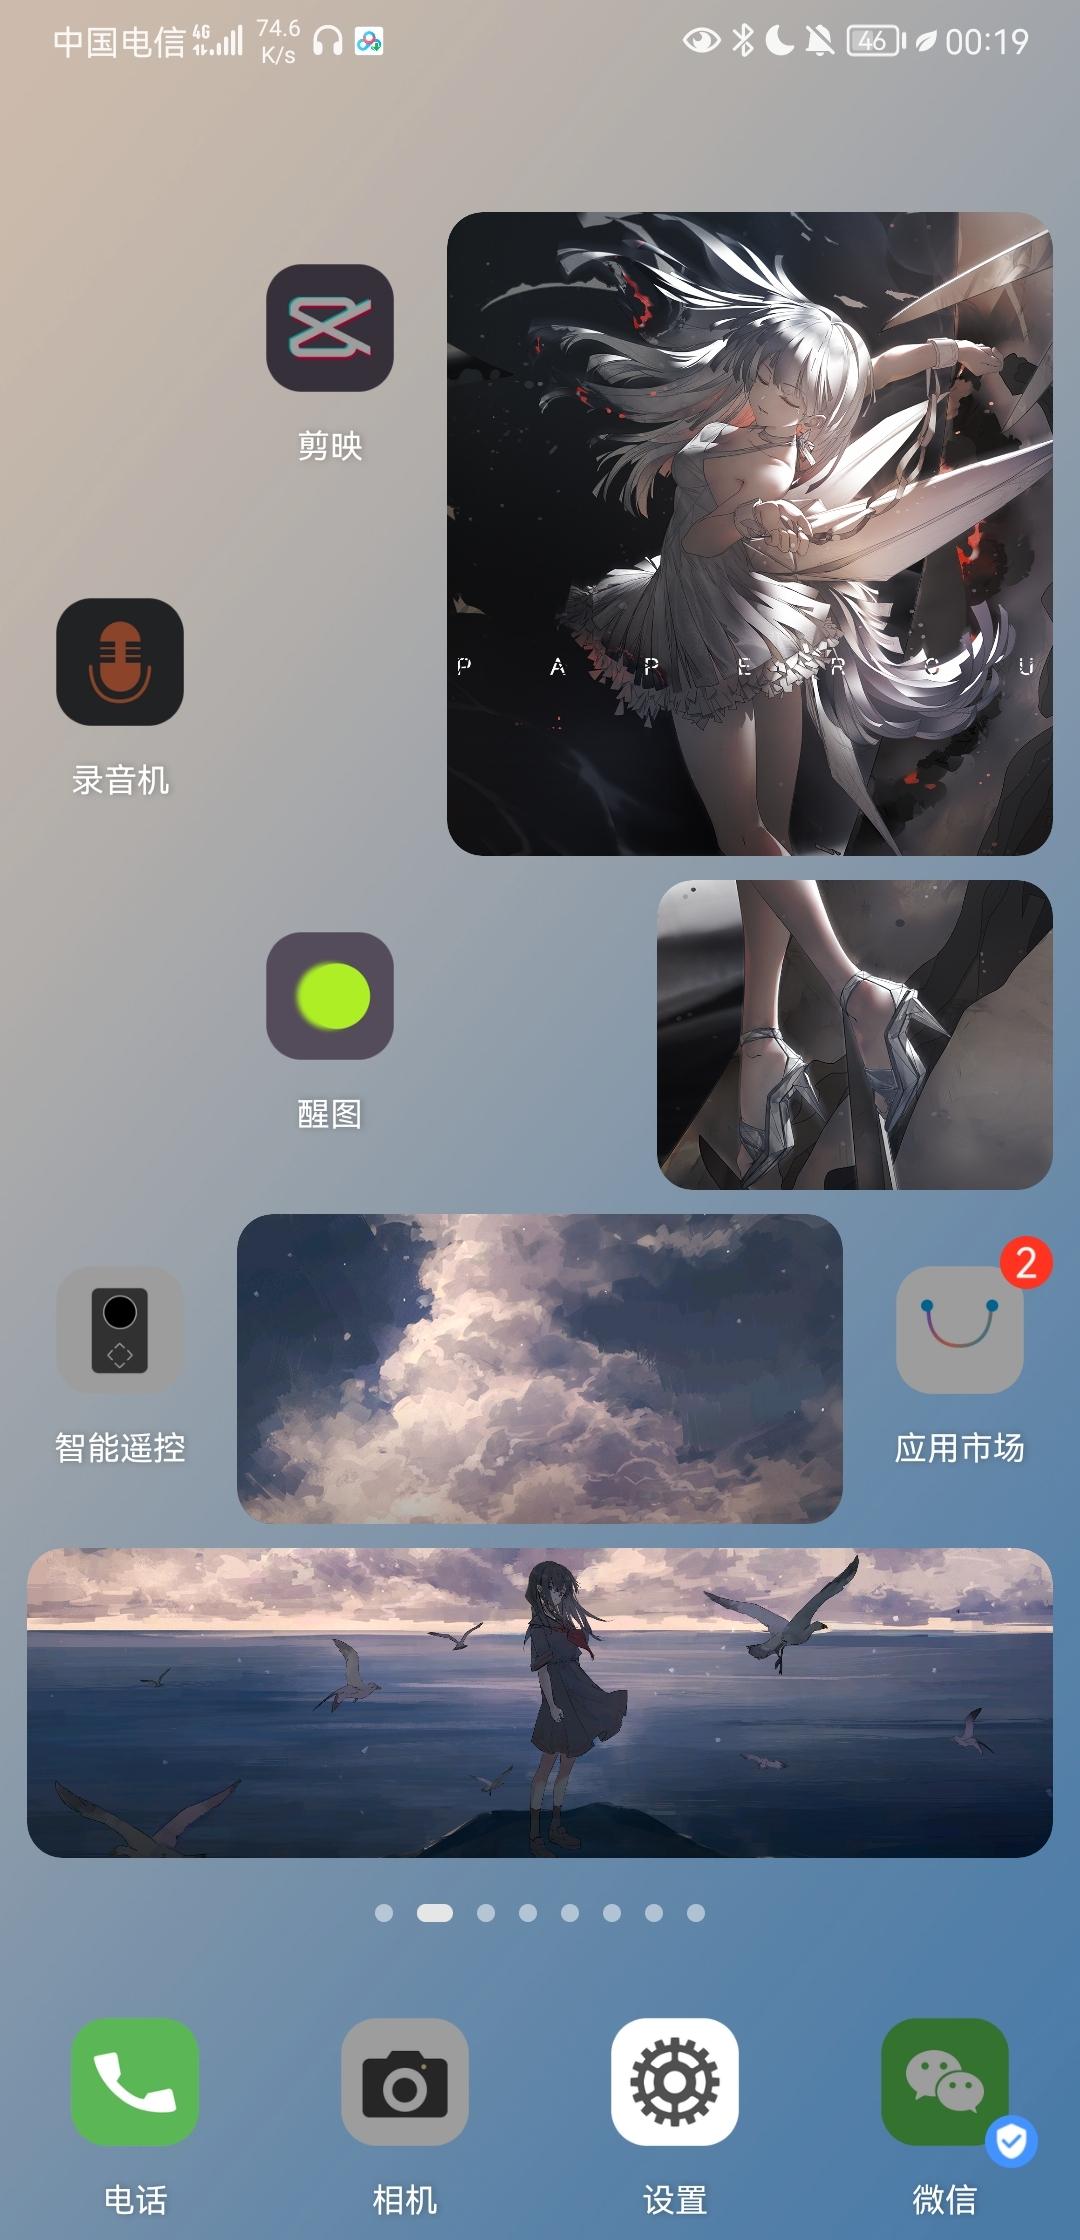 Screenshot_20210923_001949_com.huawei.android.launcher.jpg